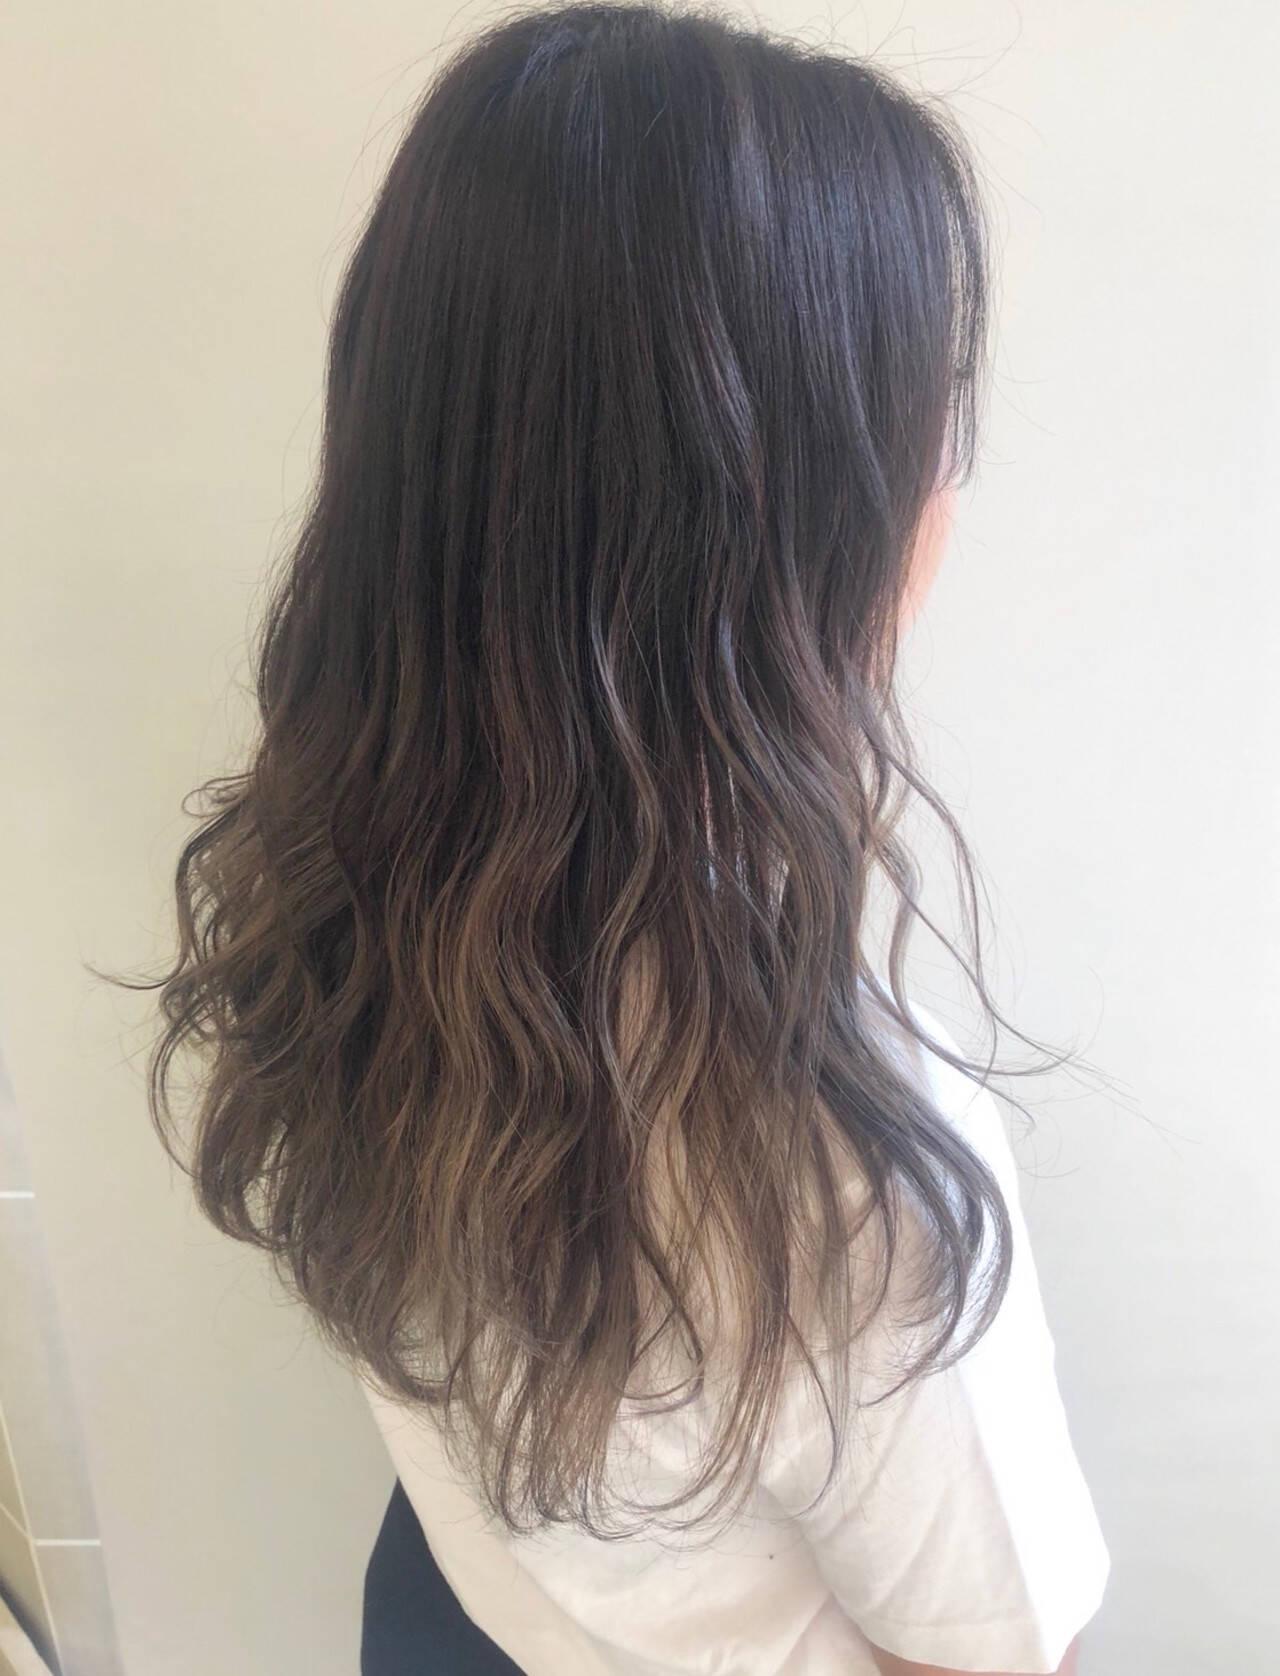 ロング 極細ハイライト スモーキーアッシュ ナチュラルヘアスタイルや髪型の写真・画像